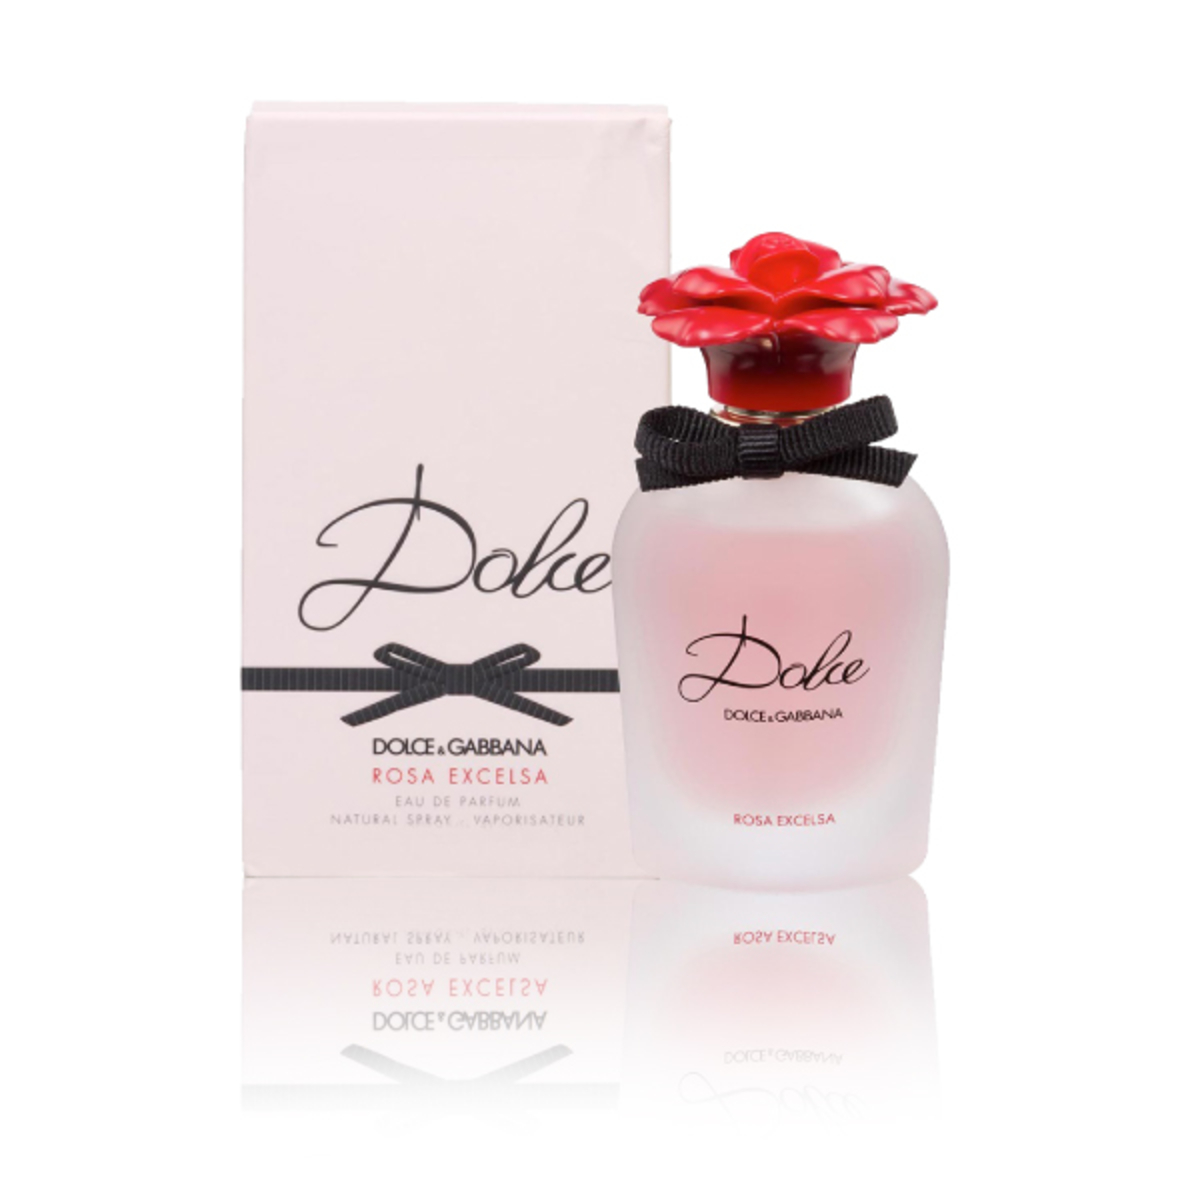 DOLCE and GABBANA Dolce Rosa Excelsa Eau de Parfum Spray for Women 75ml  942d0e48177